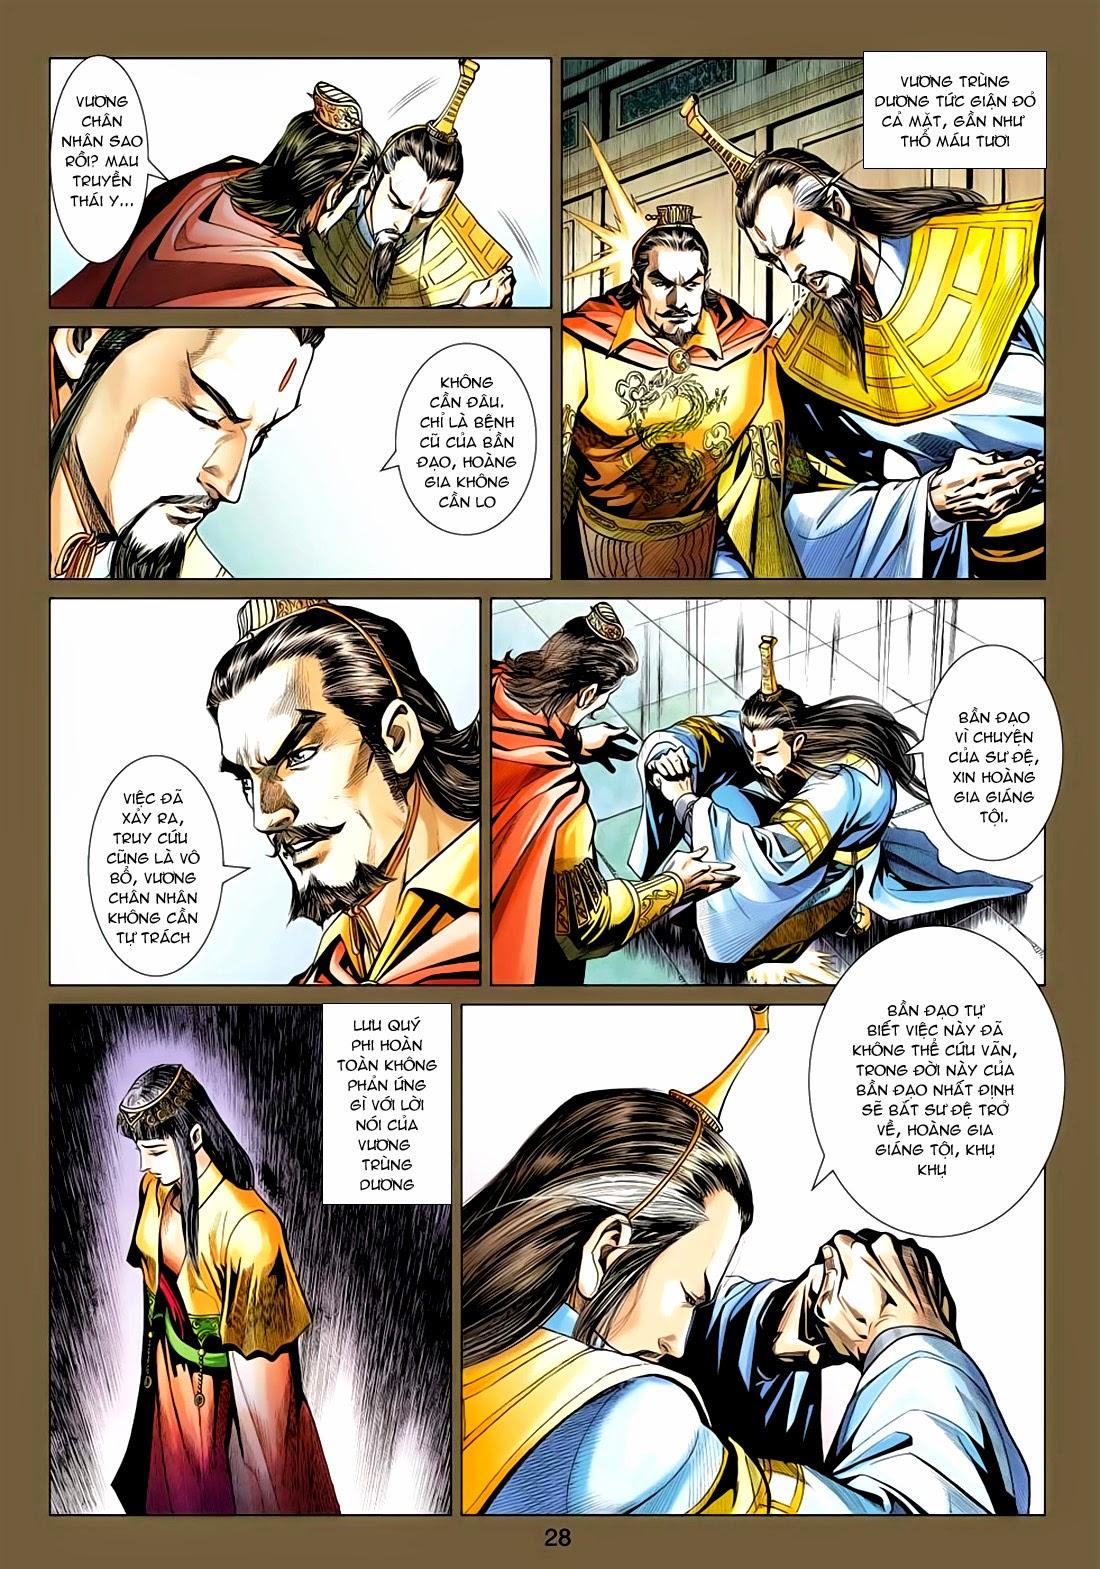 Anh Hùng Xạ Điêu anh hùng xạ đêu chap 77: thế thượng tối cường võ công trang 28